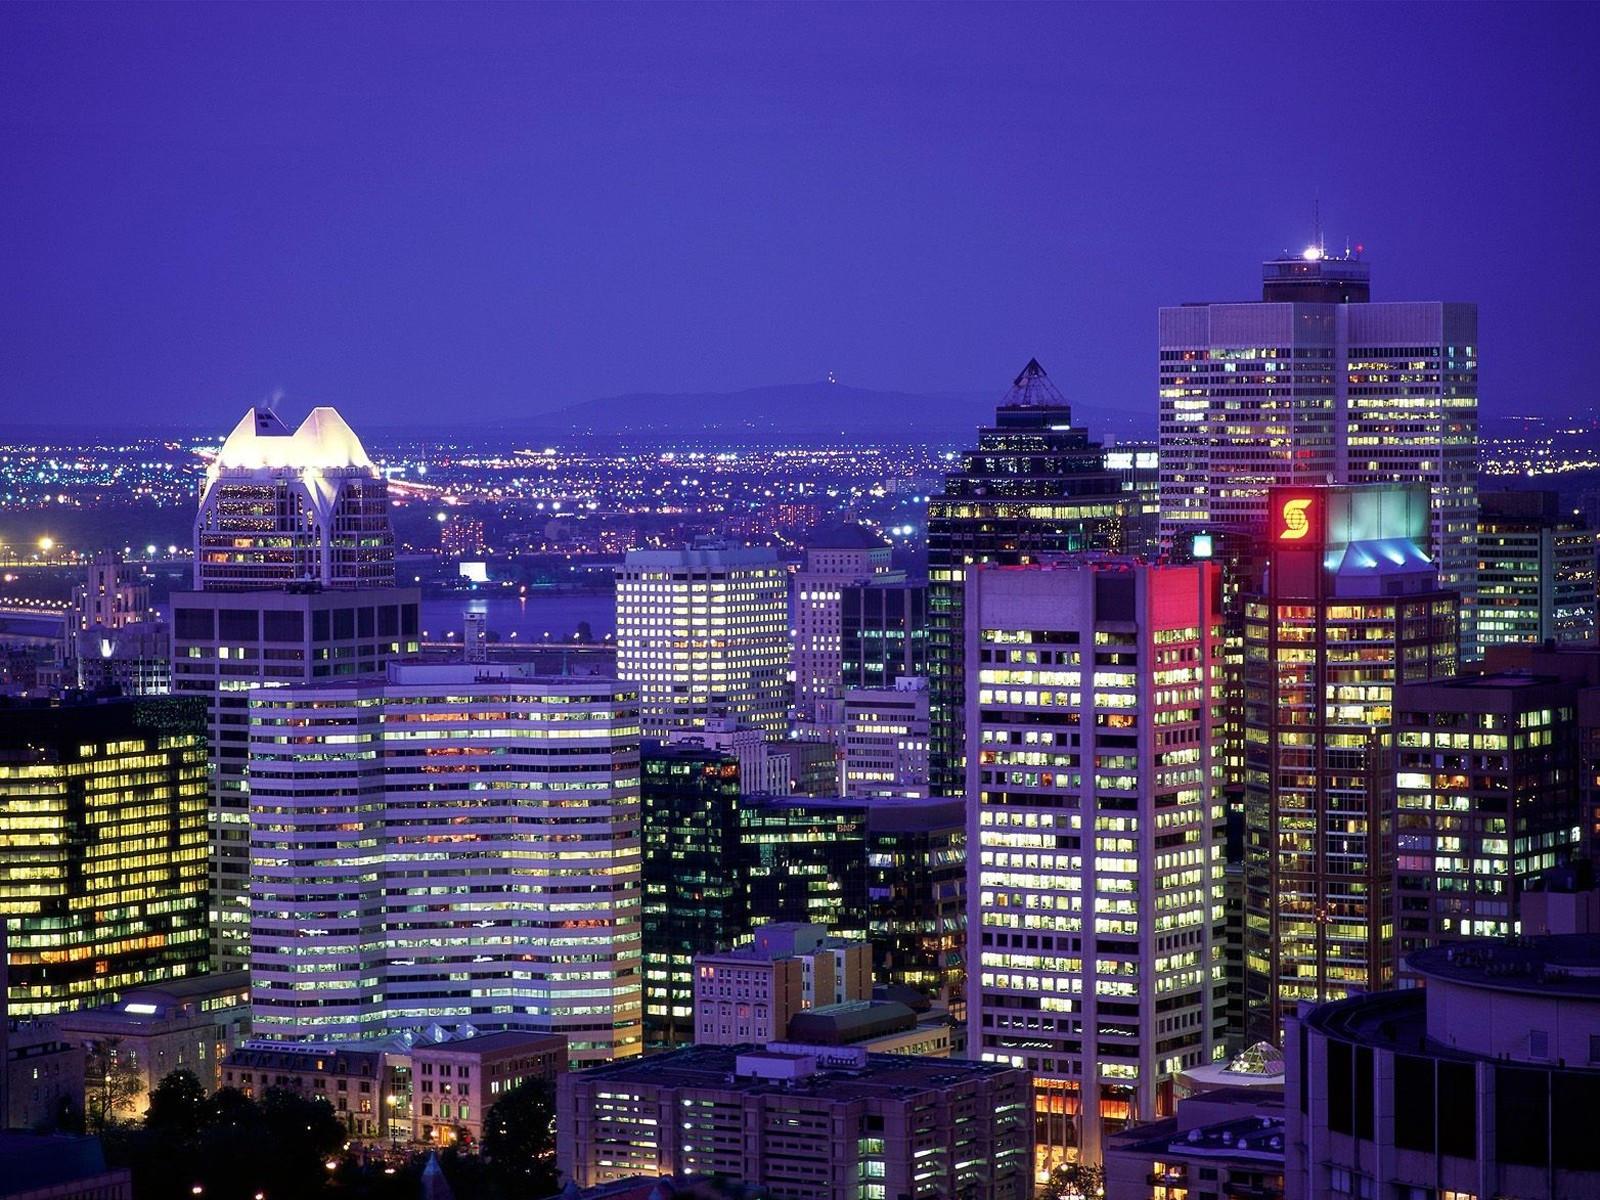 Городские огни Монреаля